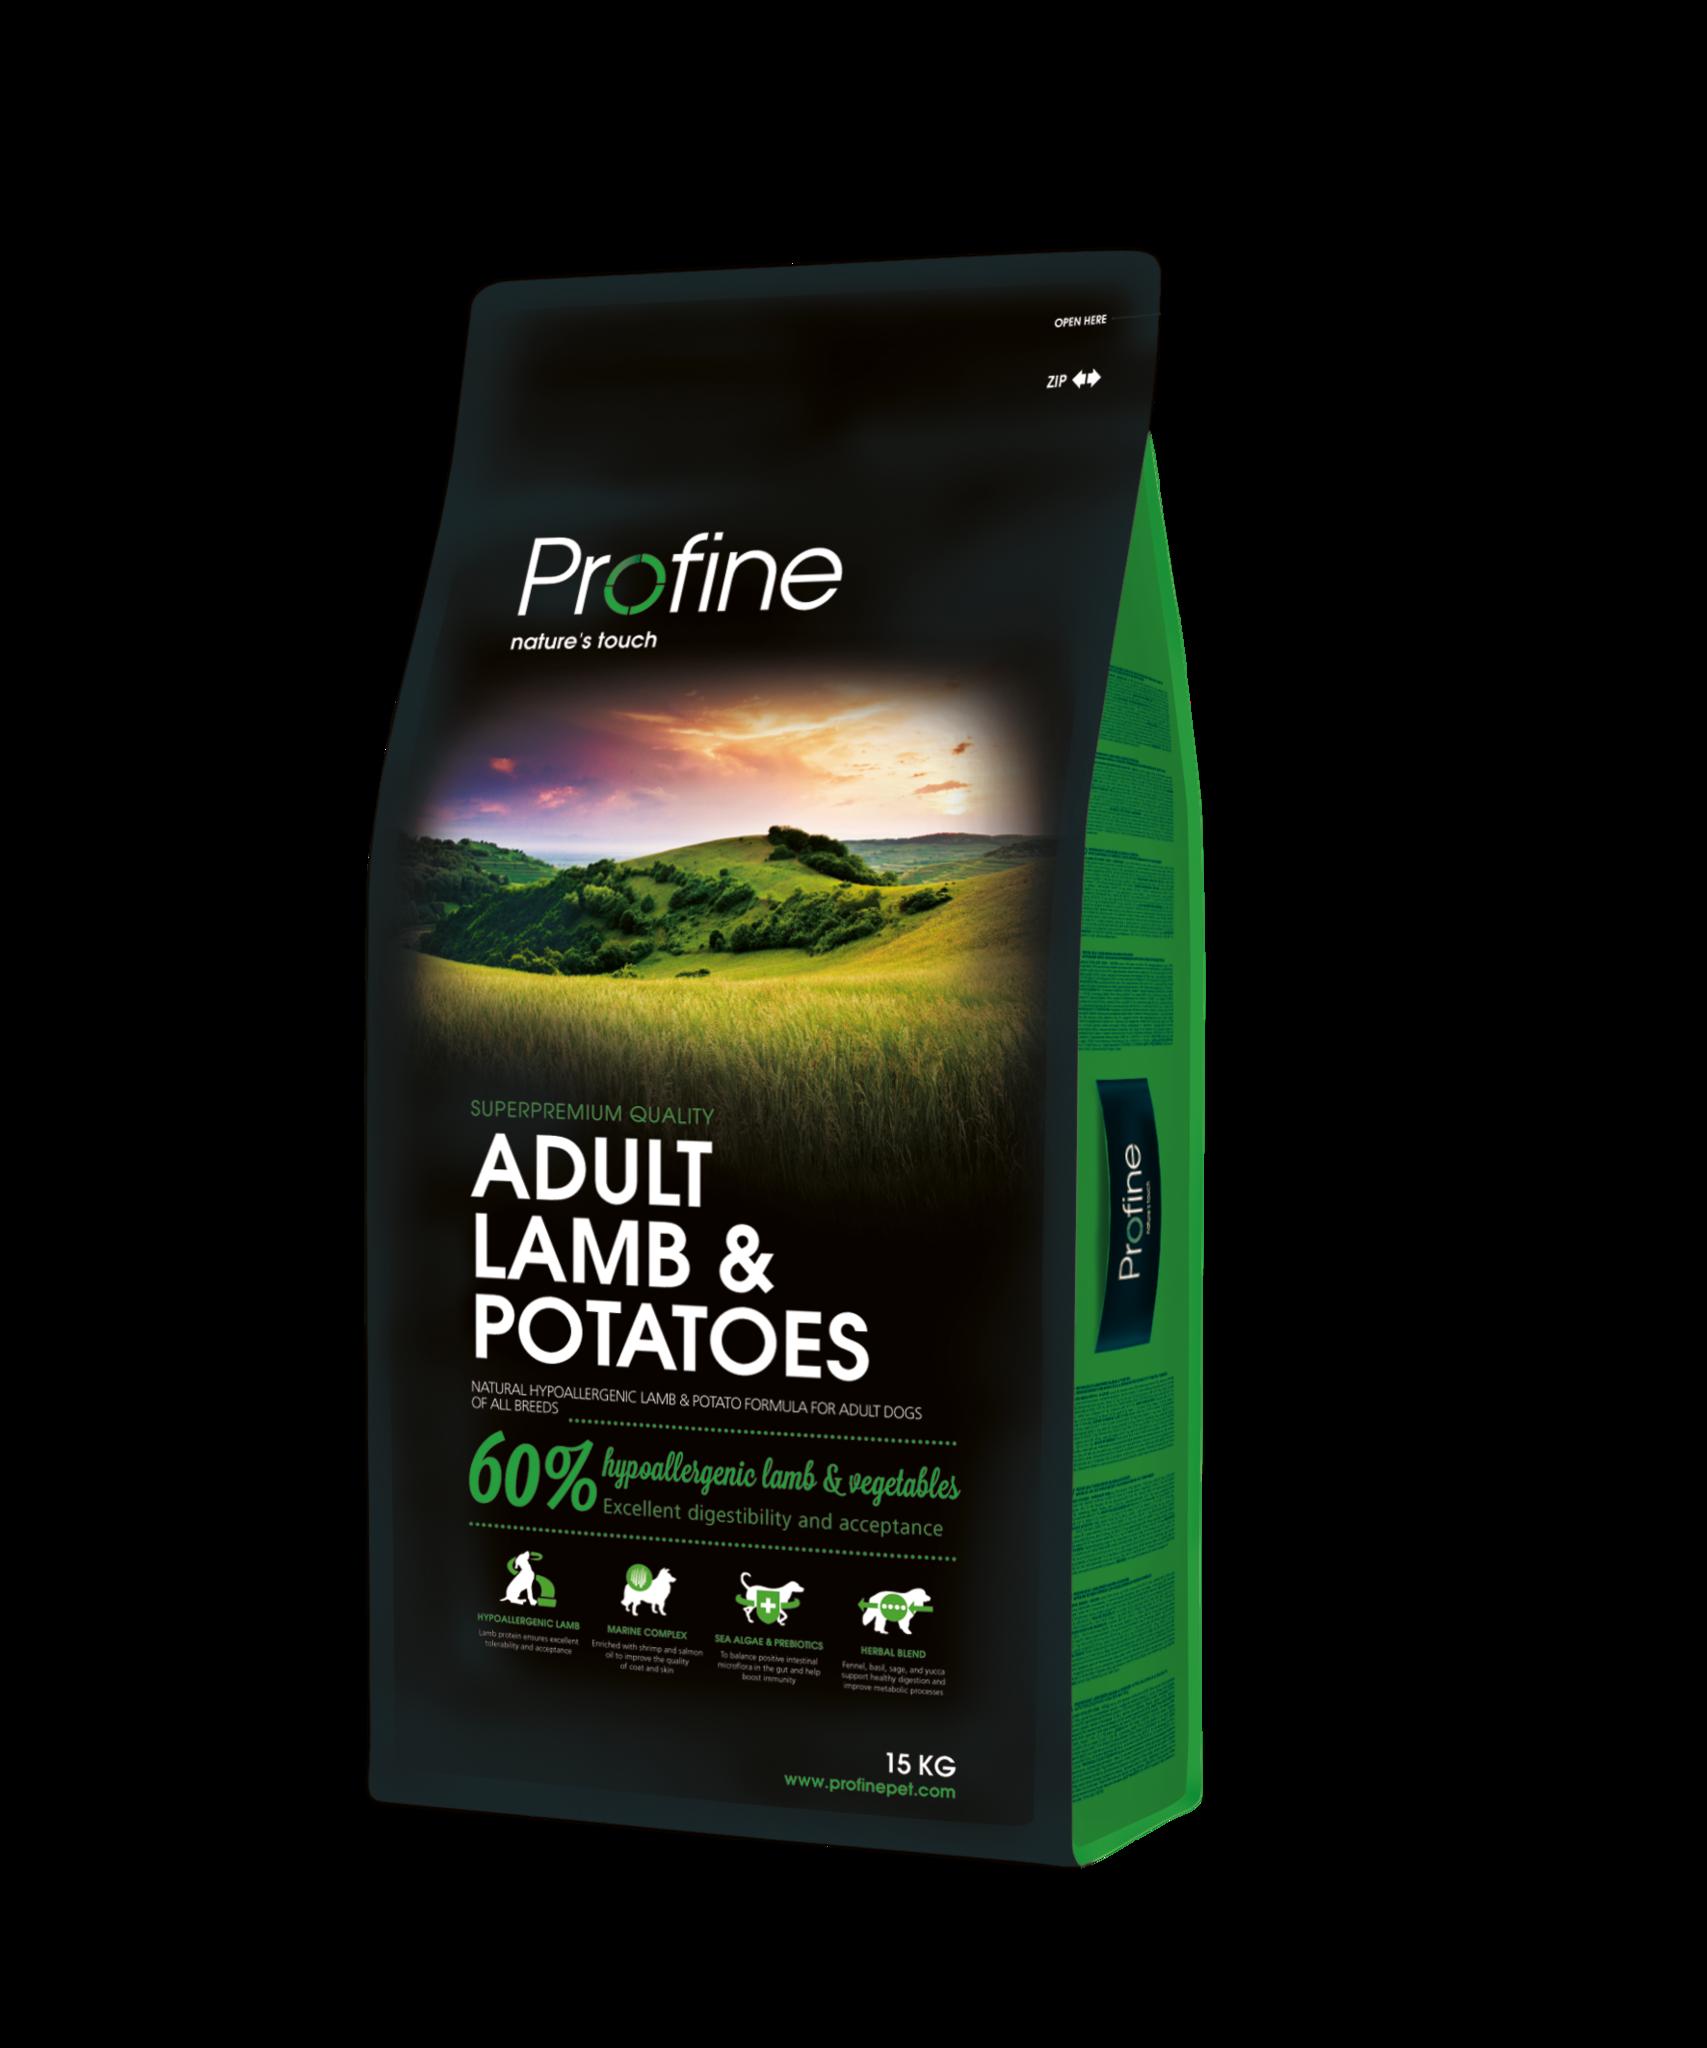 Profine Adult Lam